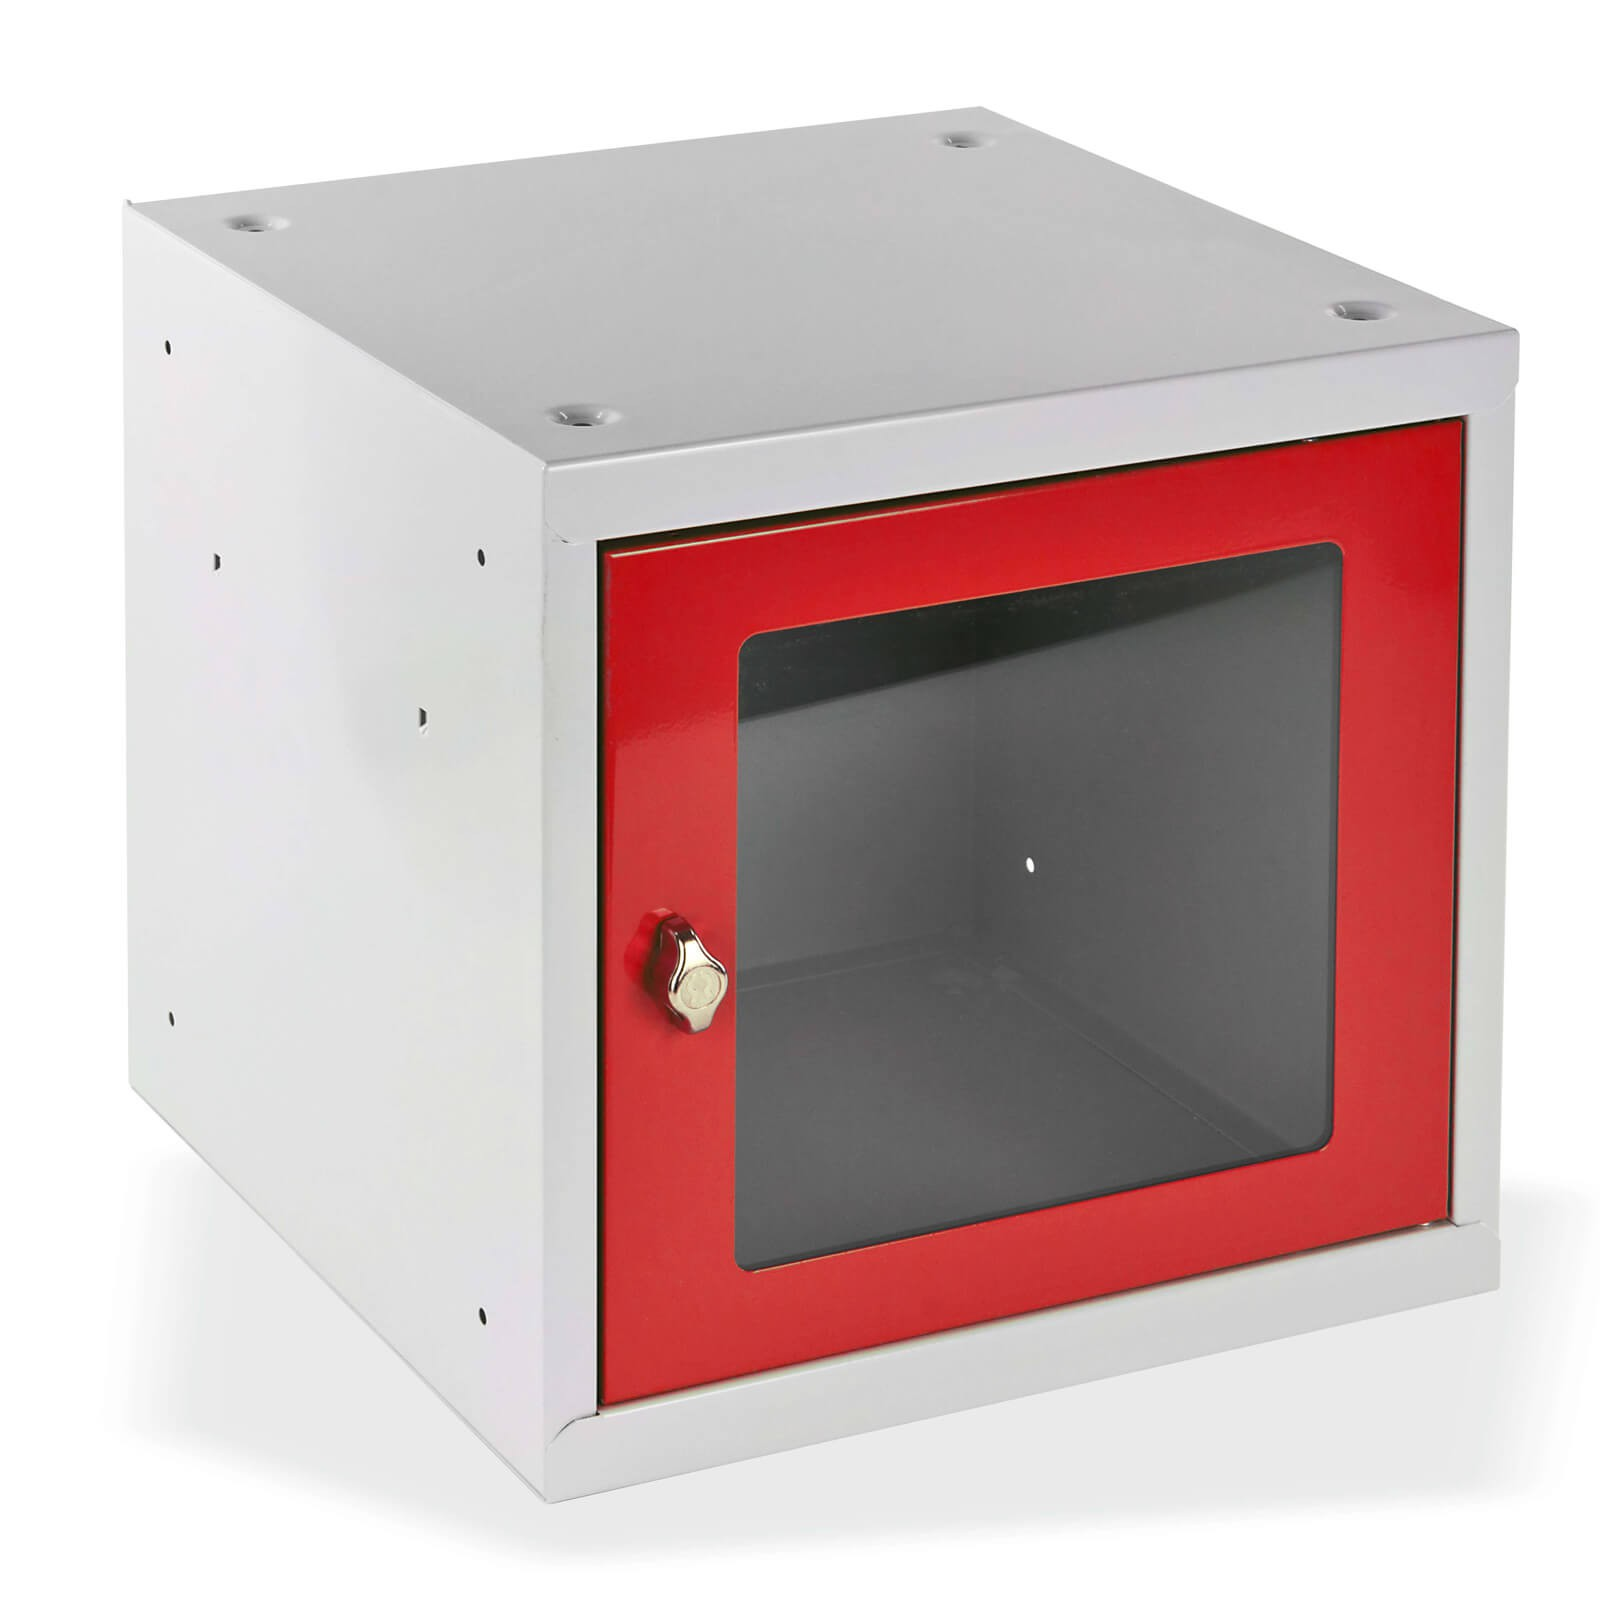 ADB Betriebseinrichtungen GmbH ADB Schließfach Würfel mit Sichtscheibe - Auswahl var-ADB-Schließfach-Sichtscheibe